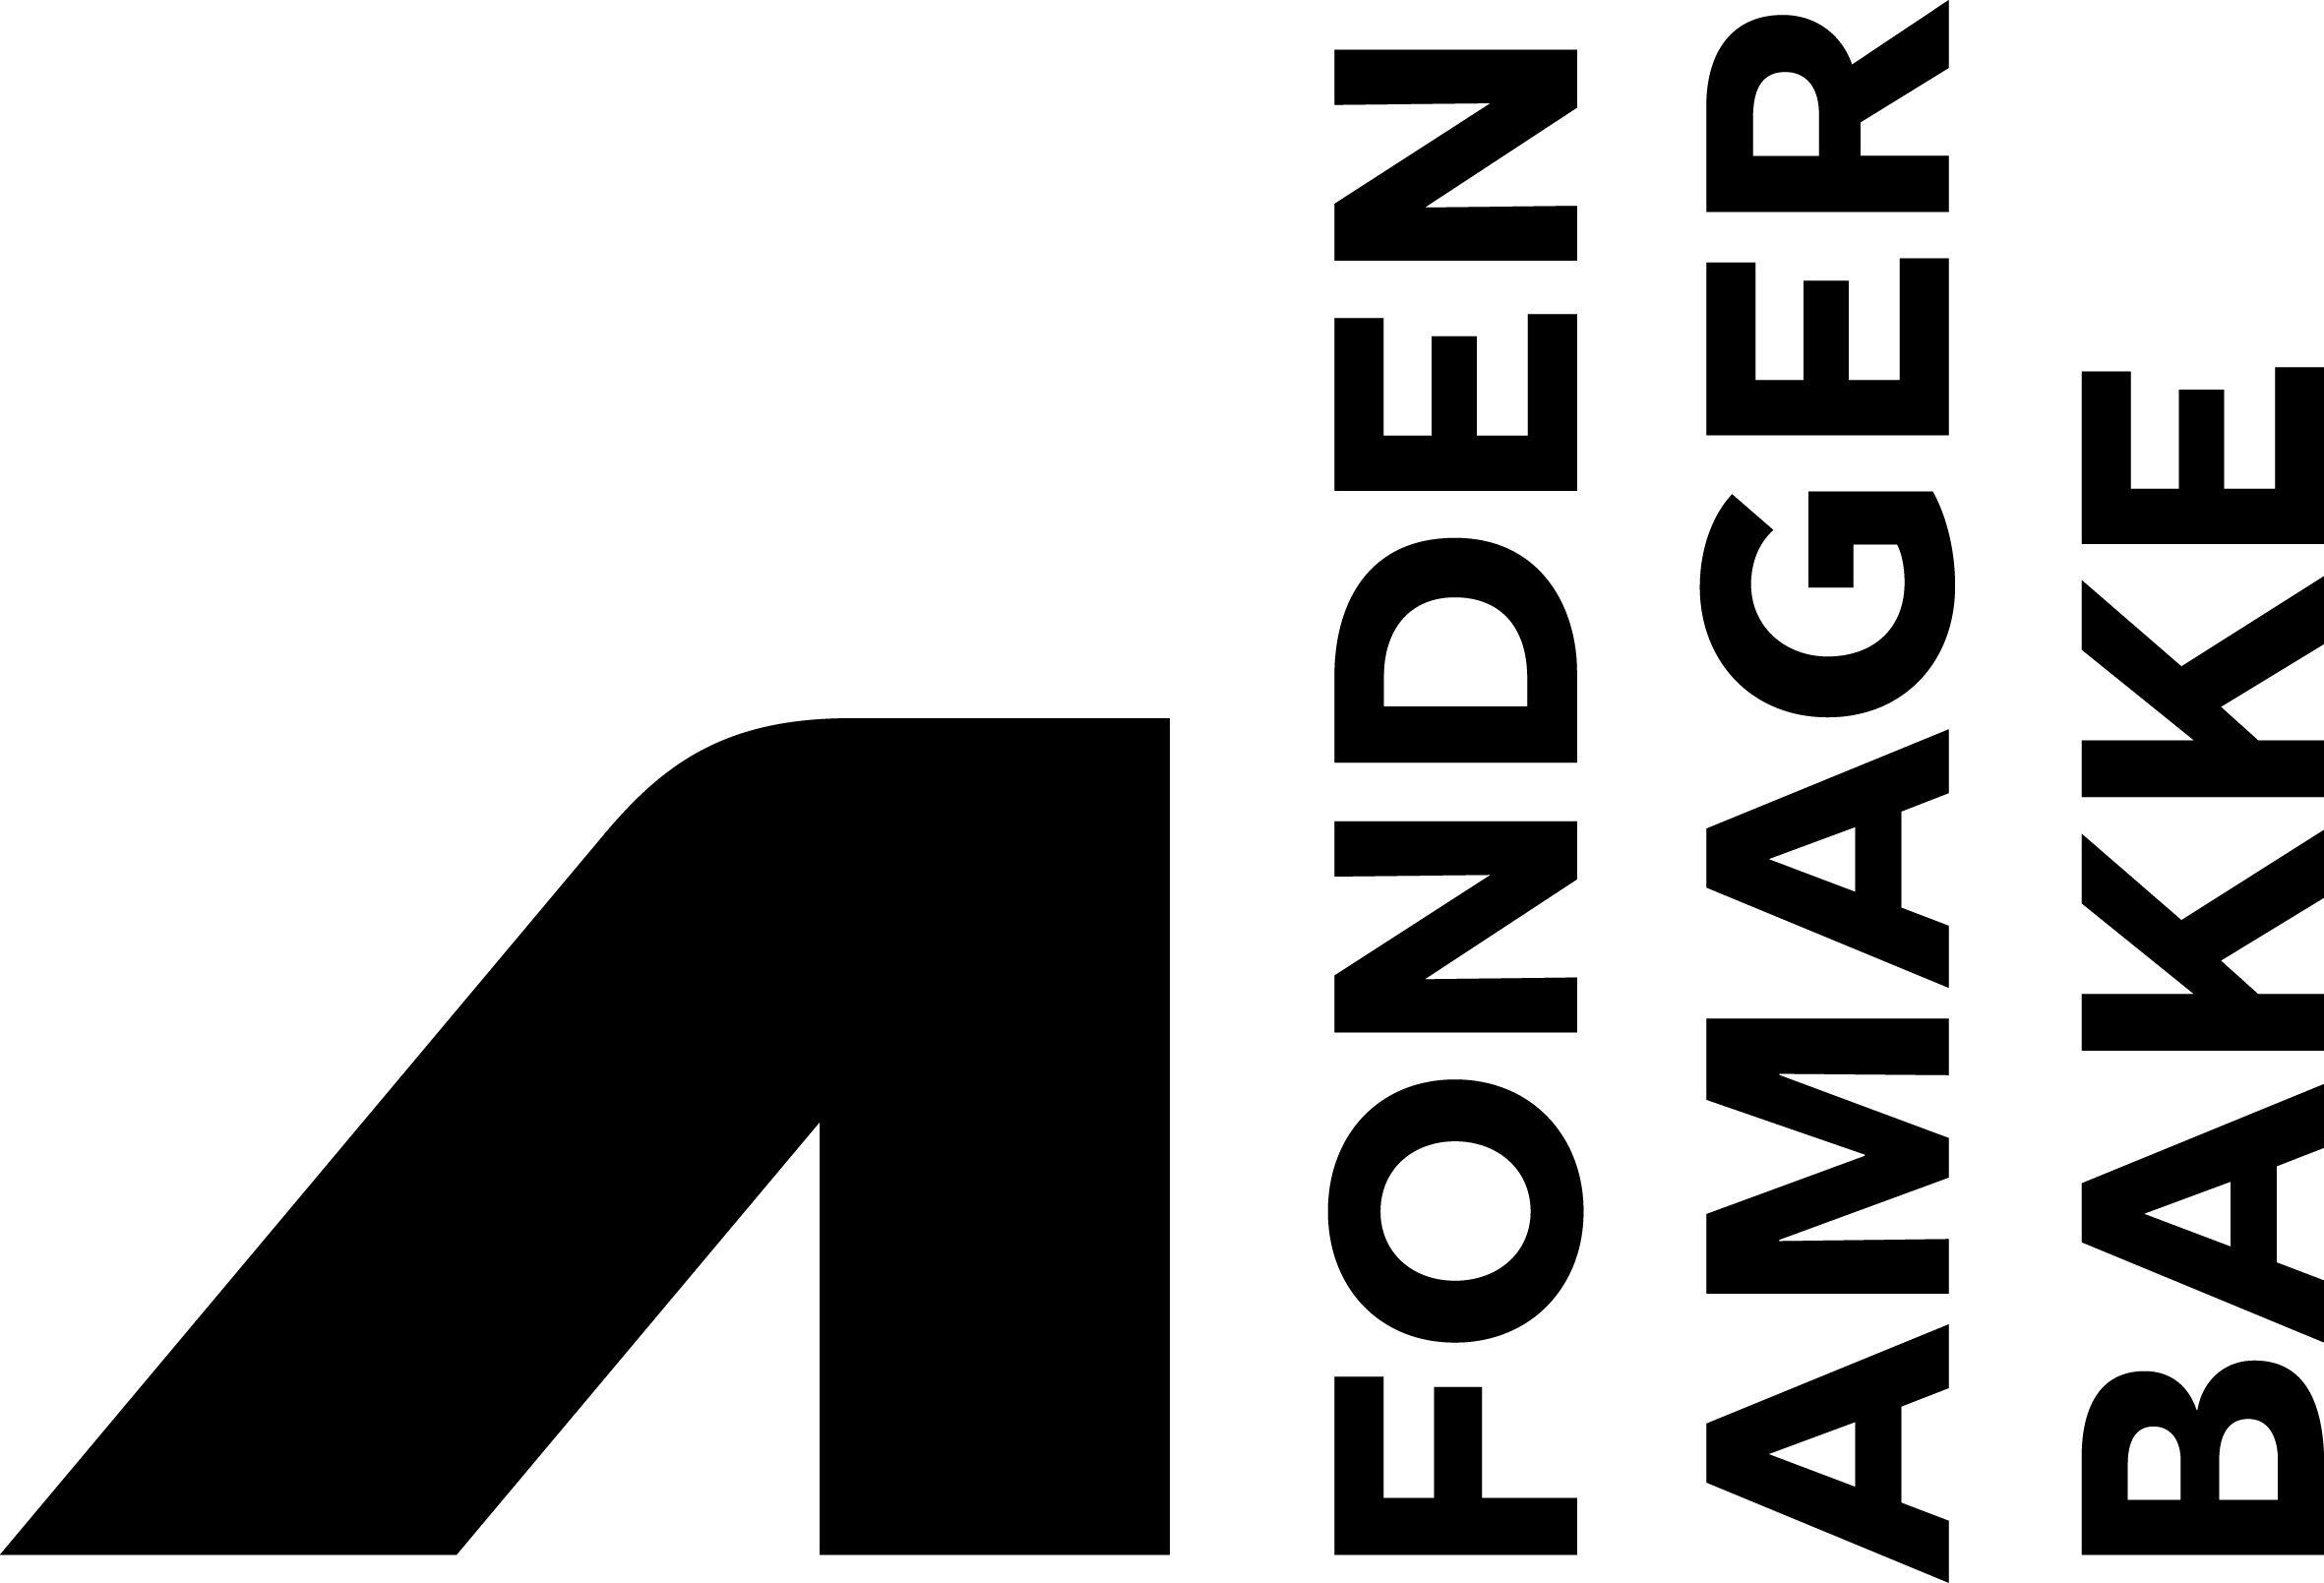 Fonden Amager Bakke